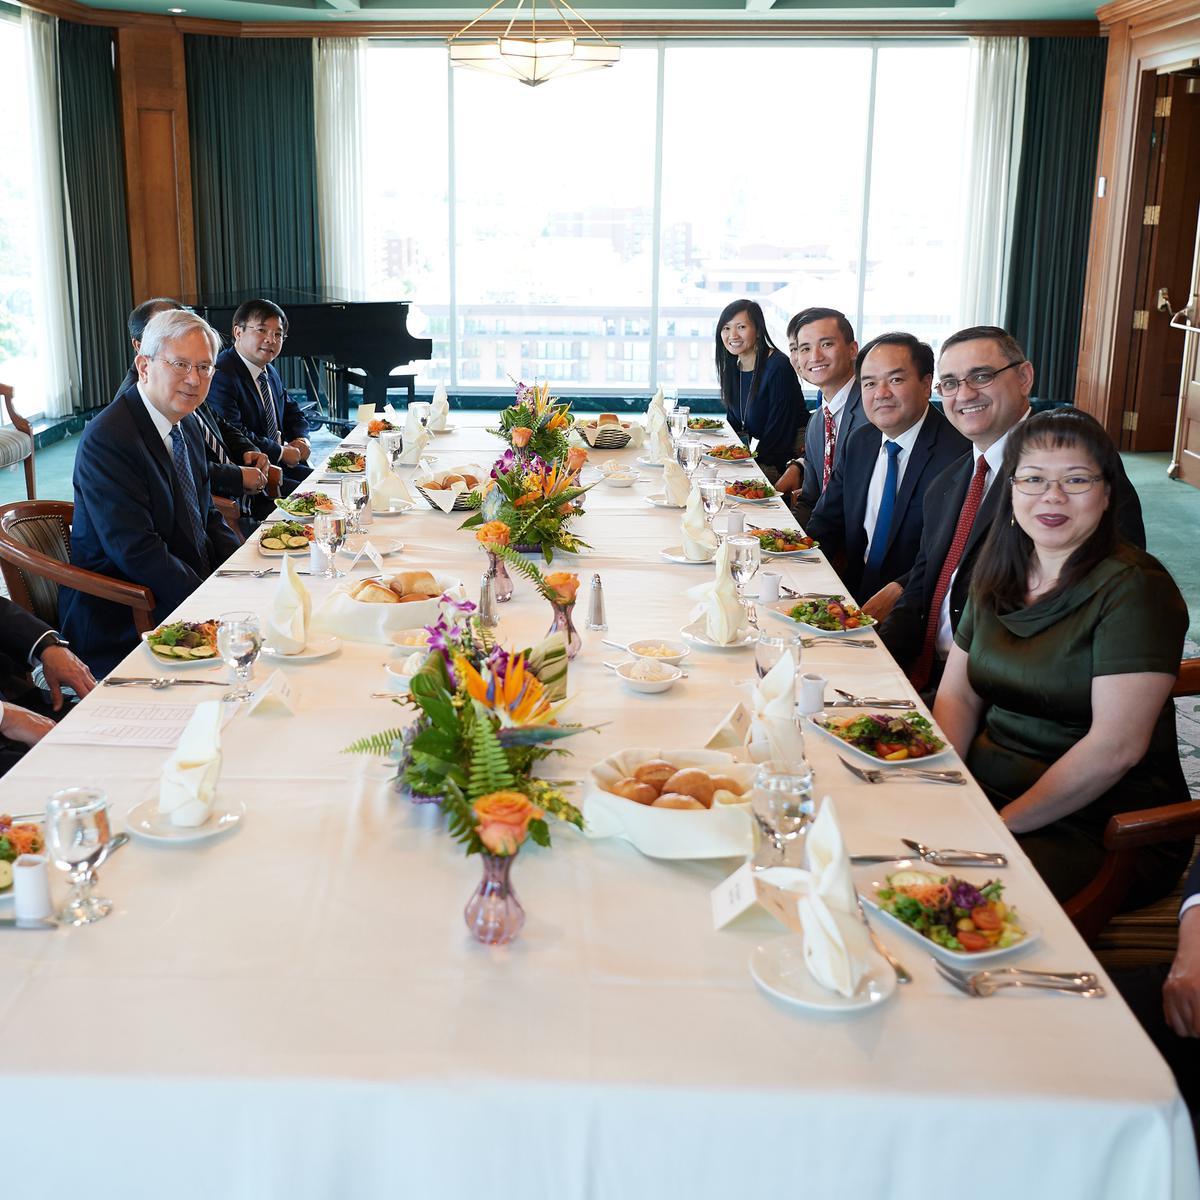 2019年6月4日,越南宗教事務委員會代表團在約瑟·斯密紀念大樓,與十二使徒定額組江文漢老共進午餐。